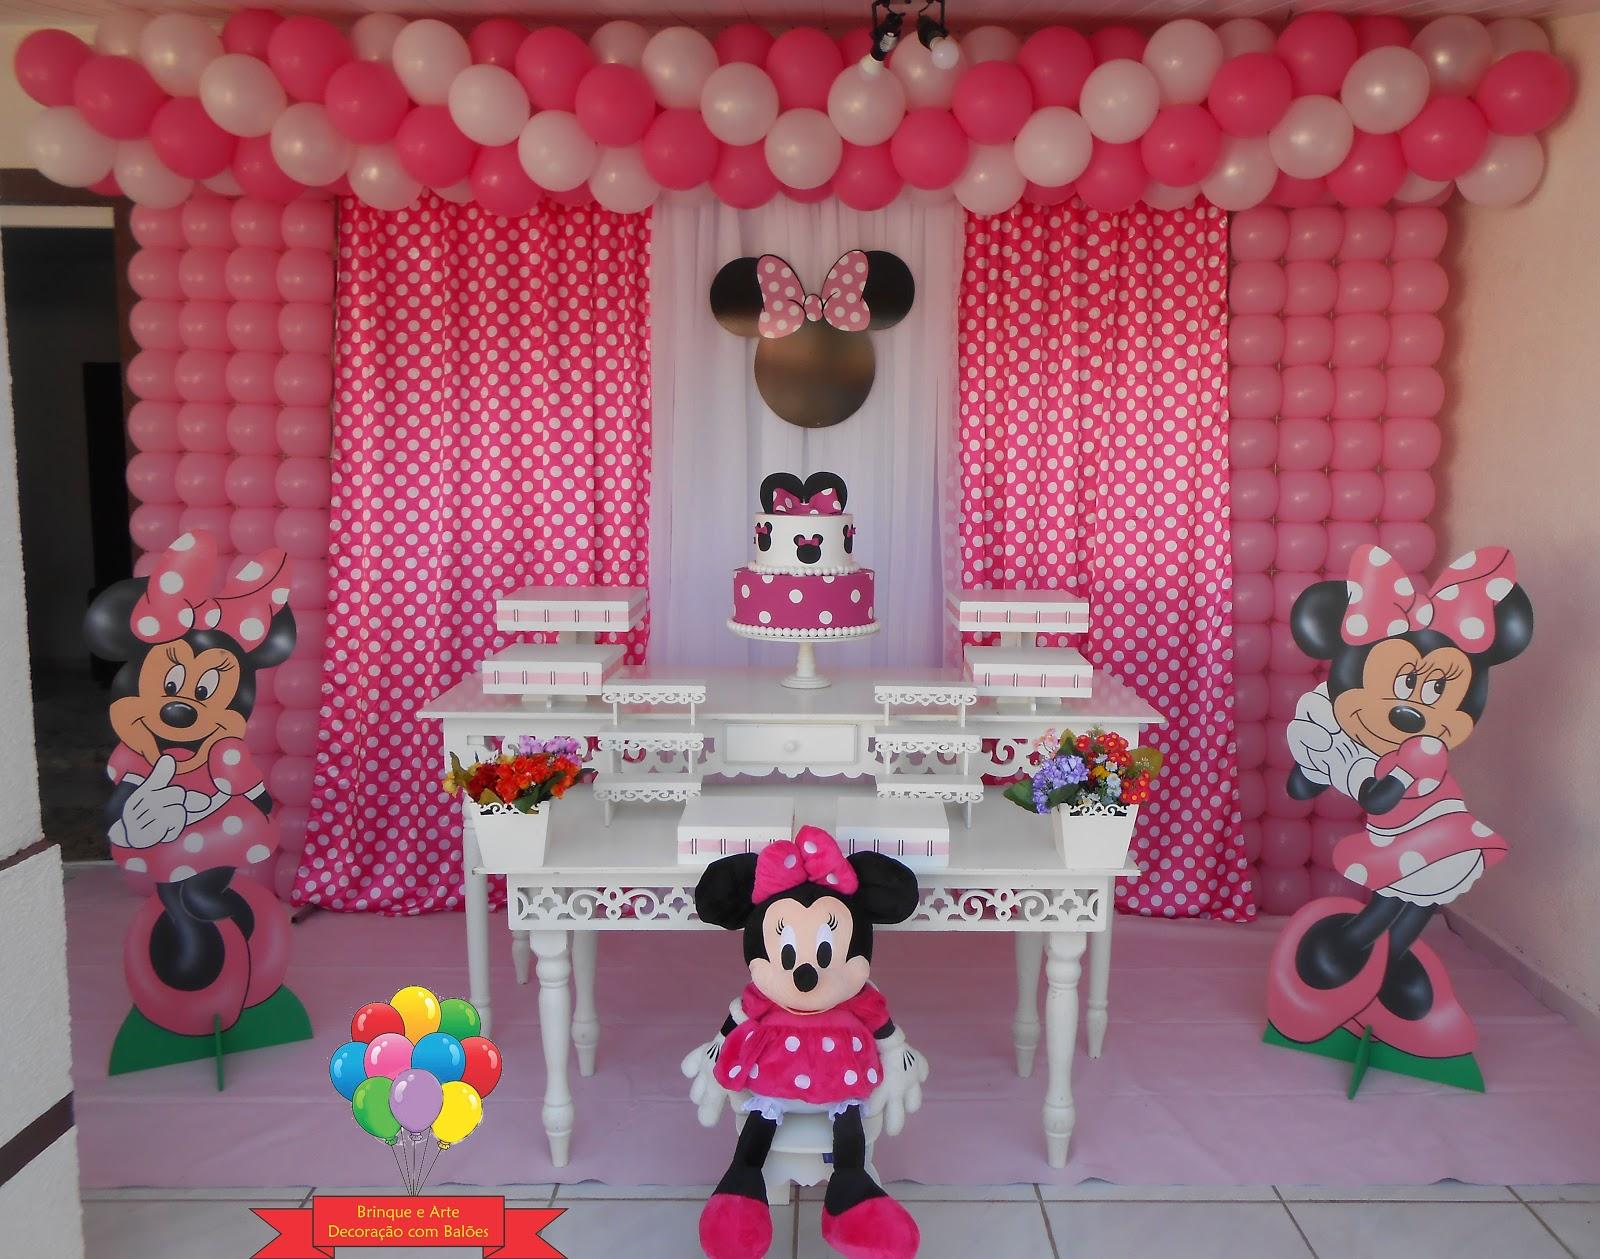 Brinque e arte decoraç u00e3o com balões DECORA u00c7ÃO MINNIE ROSA -> Decoração De Zebra Para Aniversario